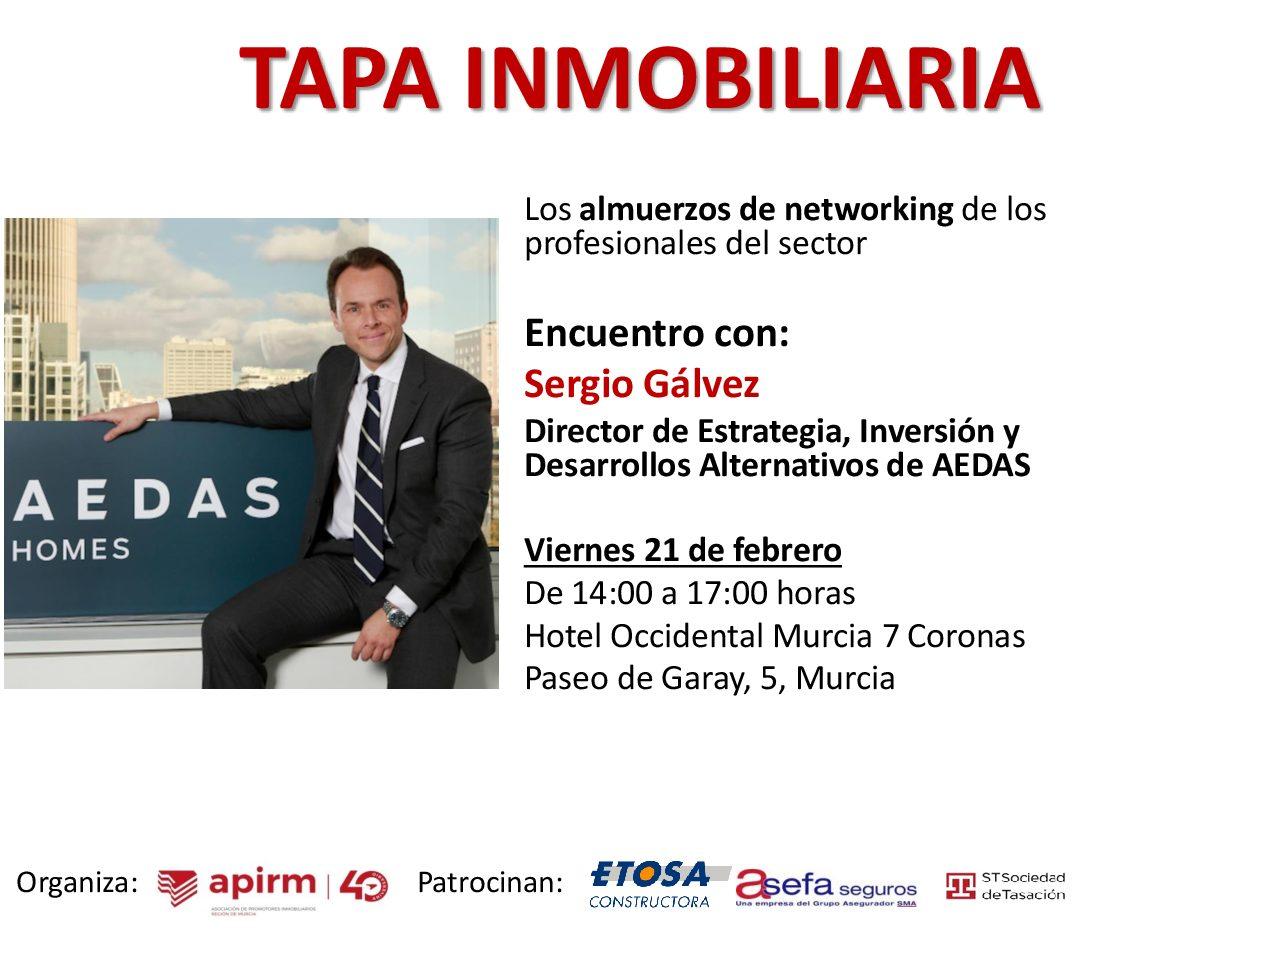 Encuentro de la TAPA INMOBILIARIA con SERGIO GÁLVEZ, Director de Estrategia, Inversión y Desarrollos Alternativos de AEDAS